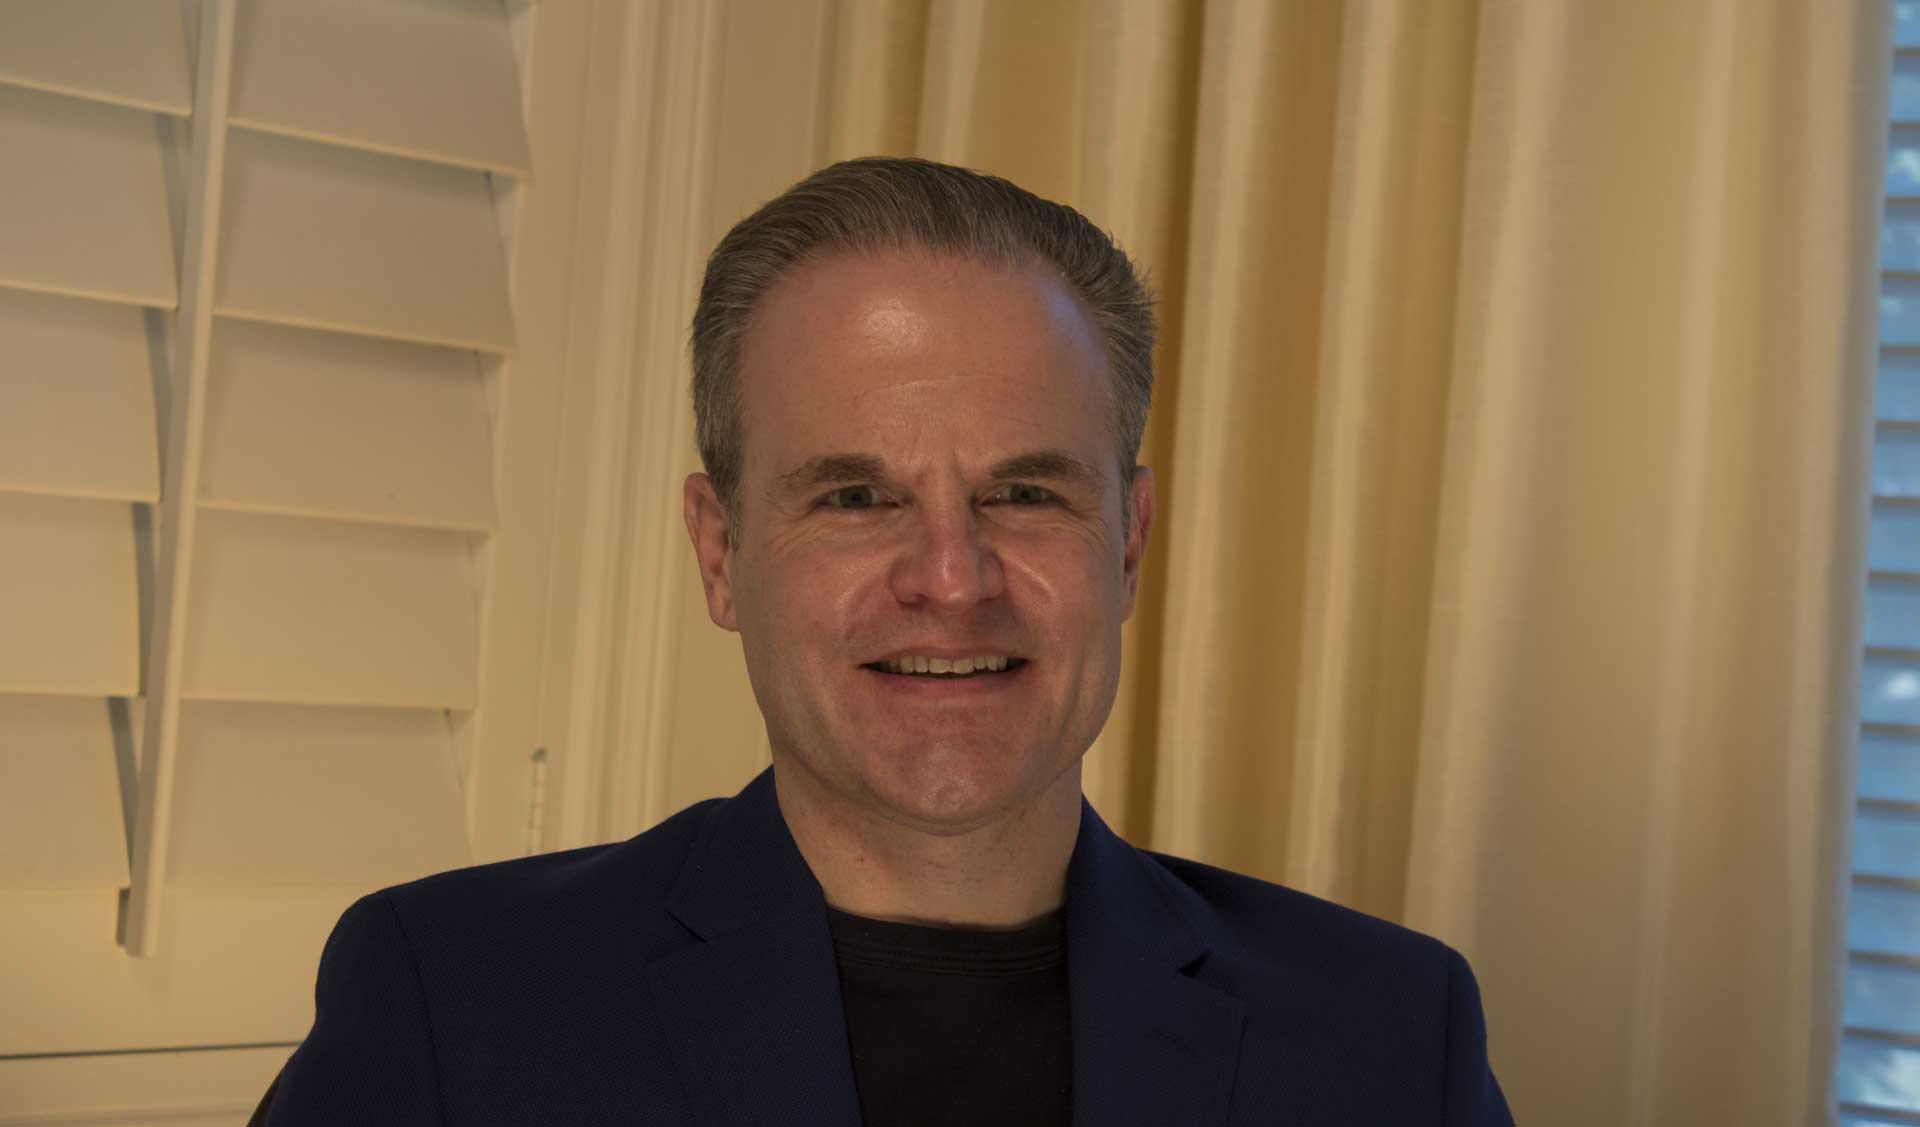 David Yudis